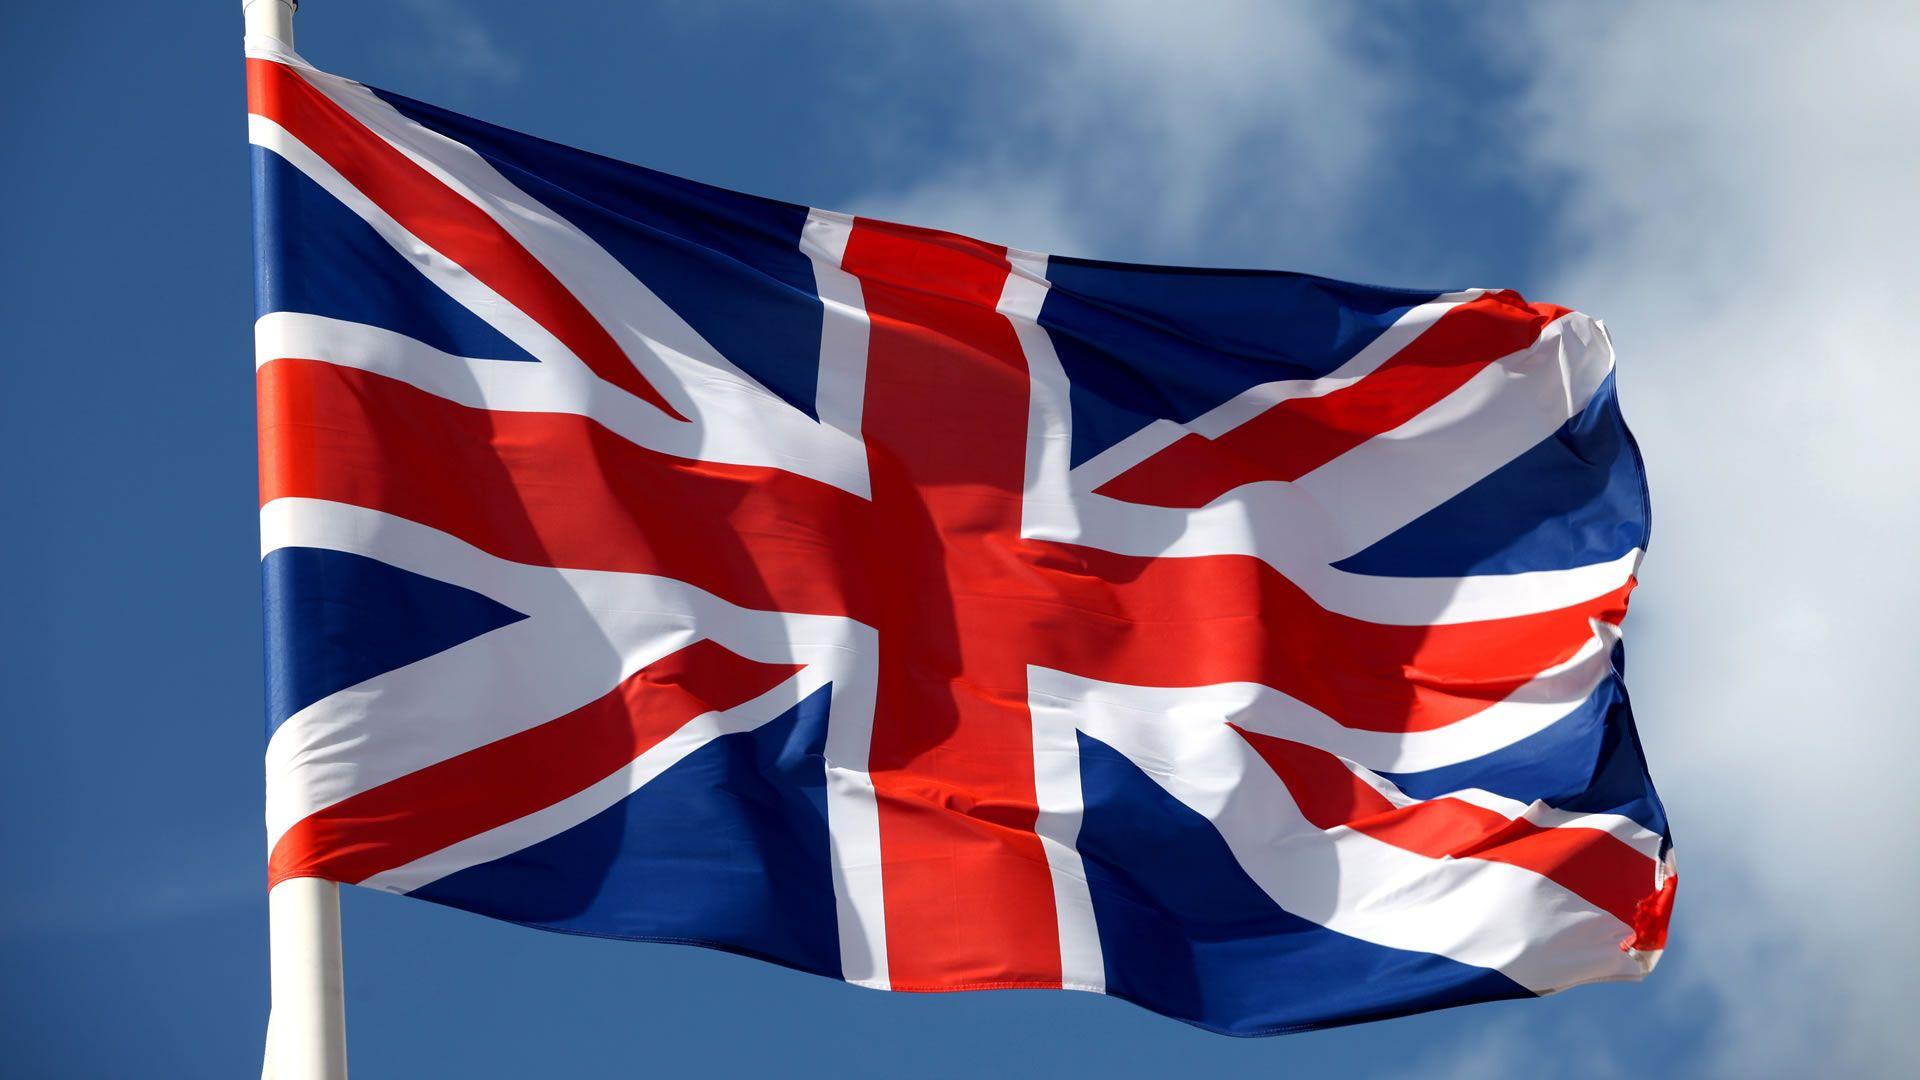 Reino Unido reconocerá pasaportes venezolanos vencidos